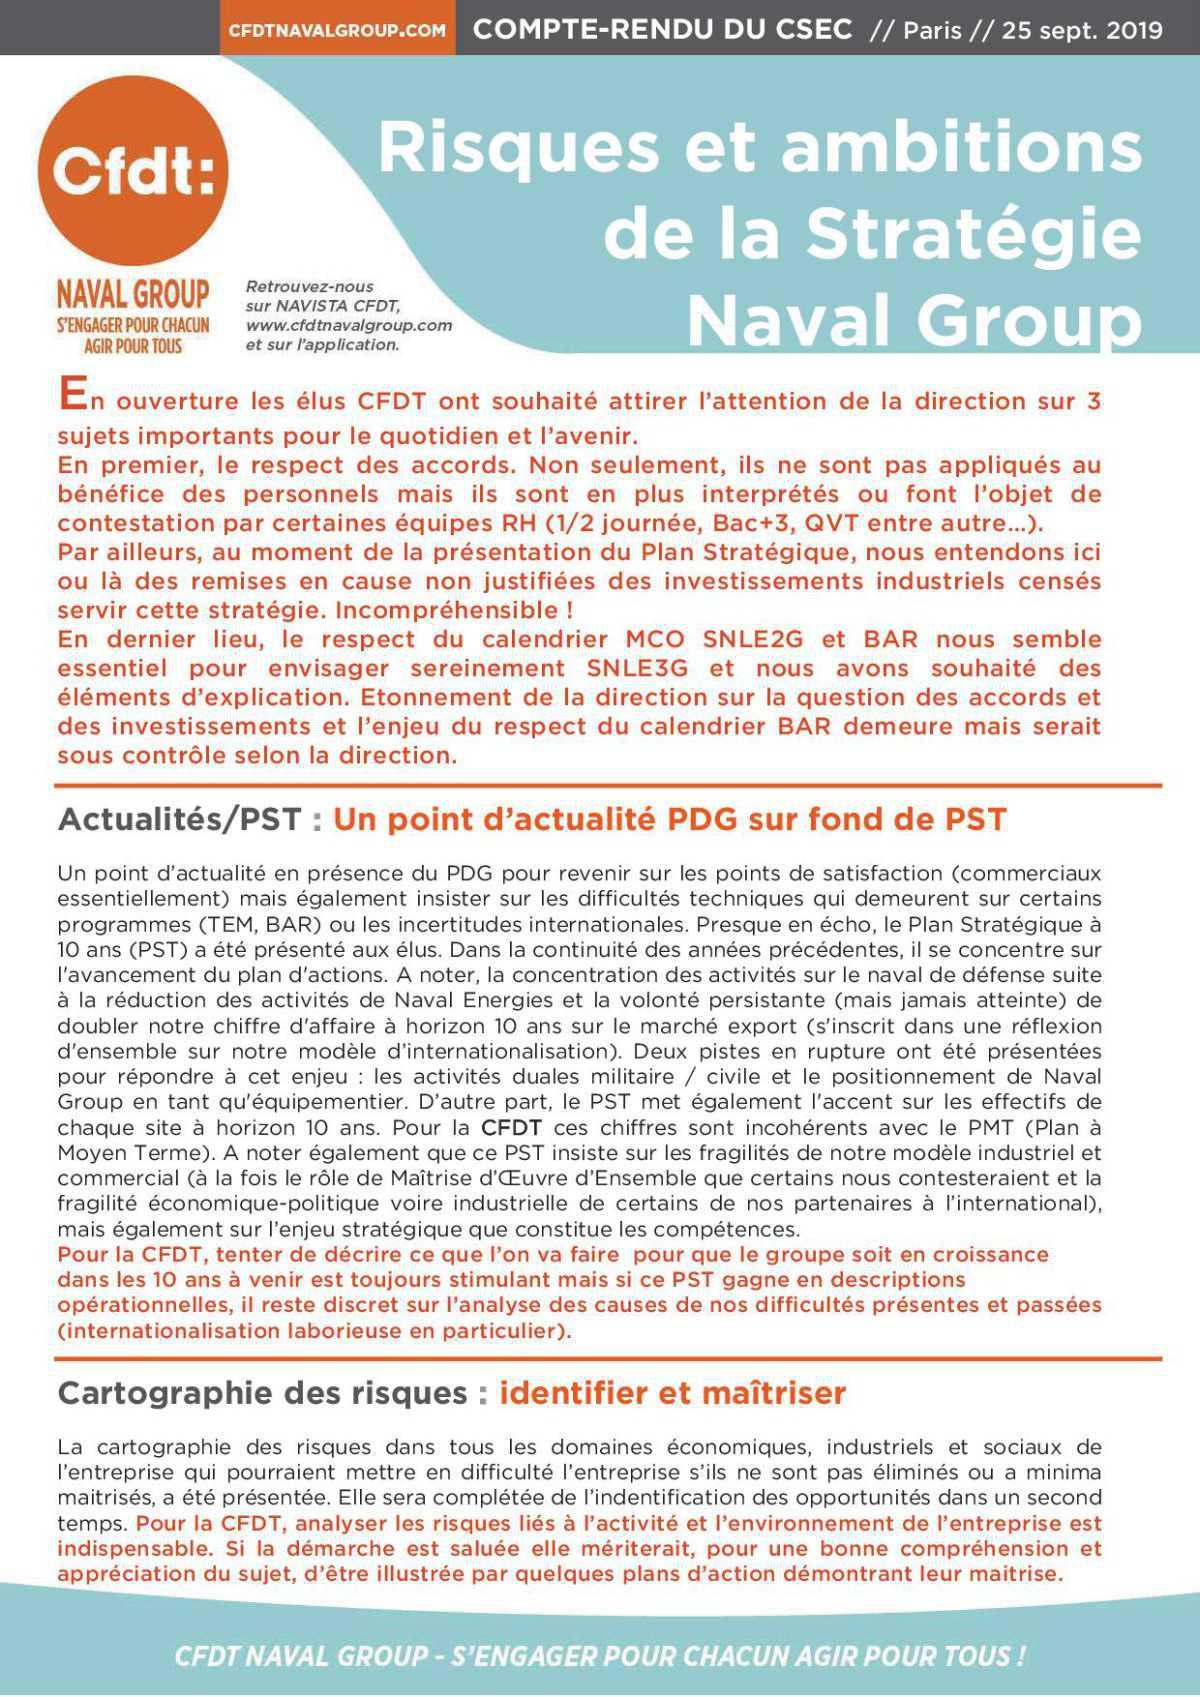 CR CSEC : Risques et ambitions de la stratégie Naval Group